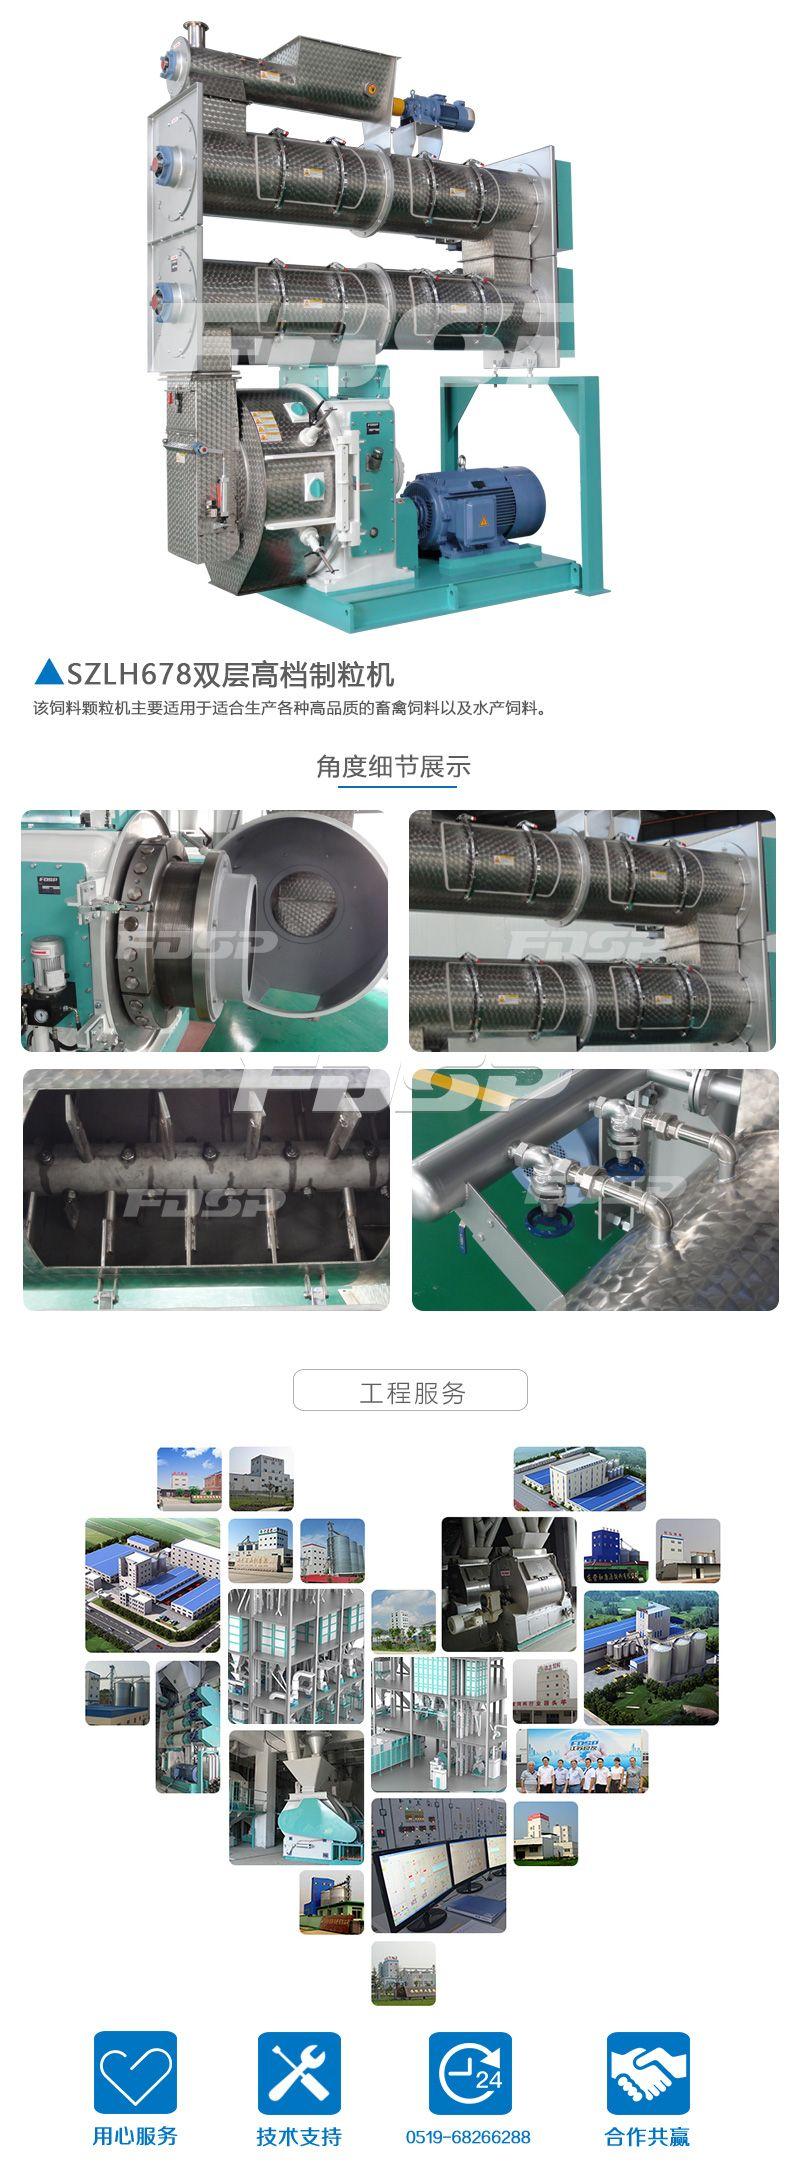 Maquinaria de alimentación serie SZLH768a2 de máquinas de pellets de alimentación acuática para ganado y aves de corral de alta gama